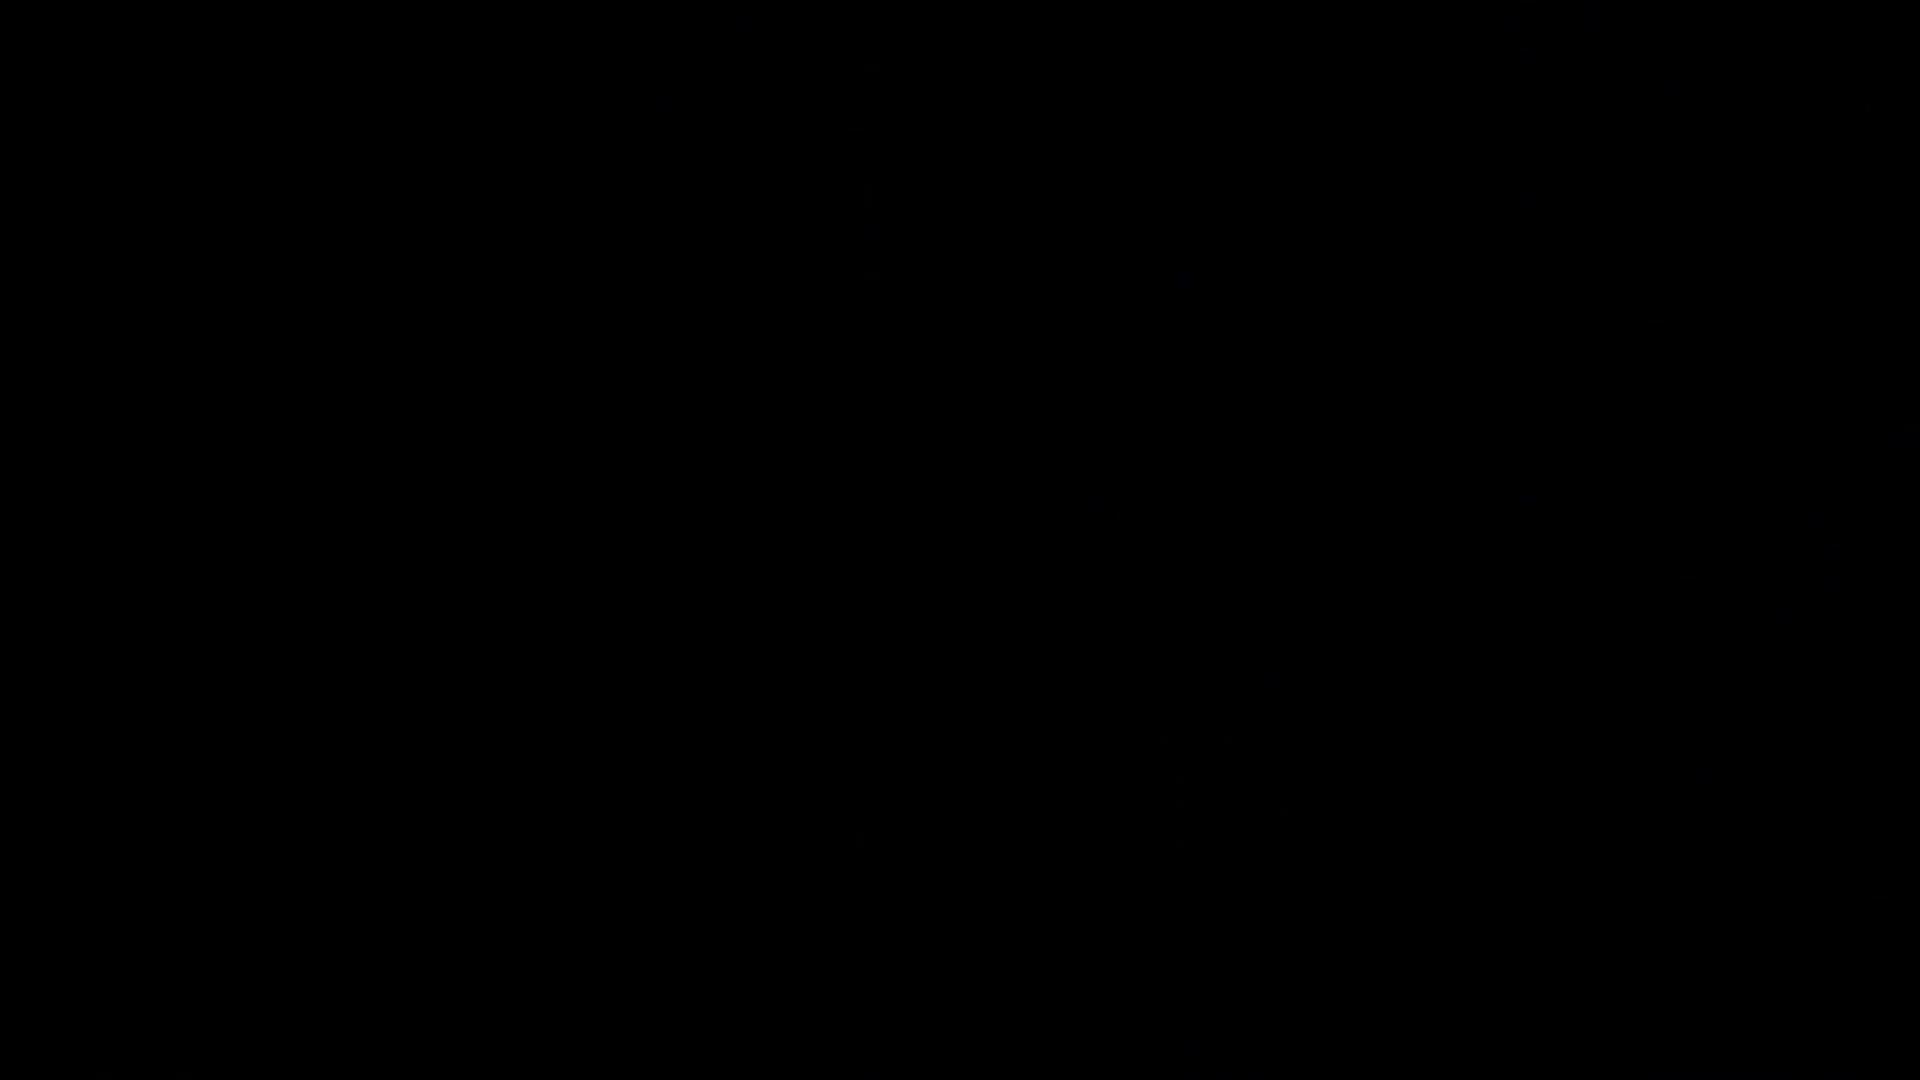 巨根 オナニー塾Vol.16 オナニー アダルトビデオ画像キャプチャ 106枚 42